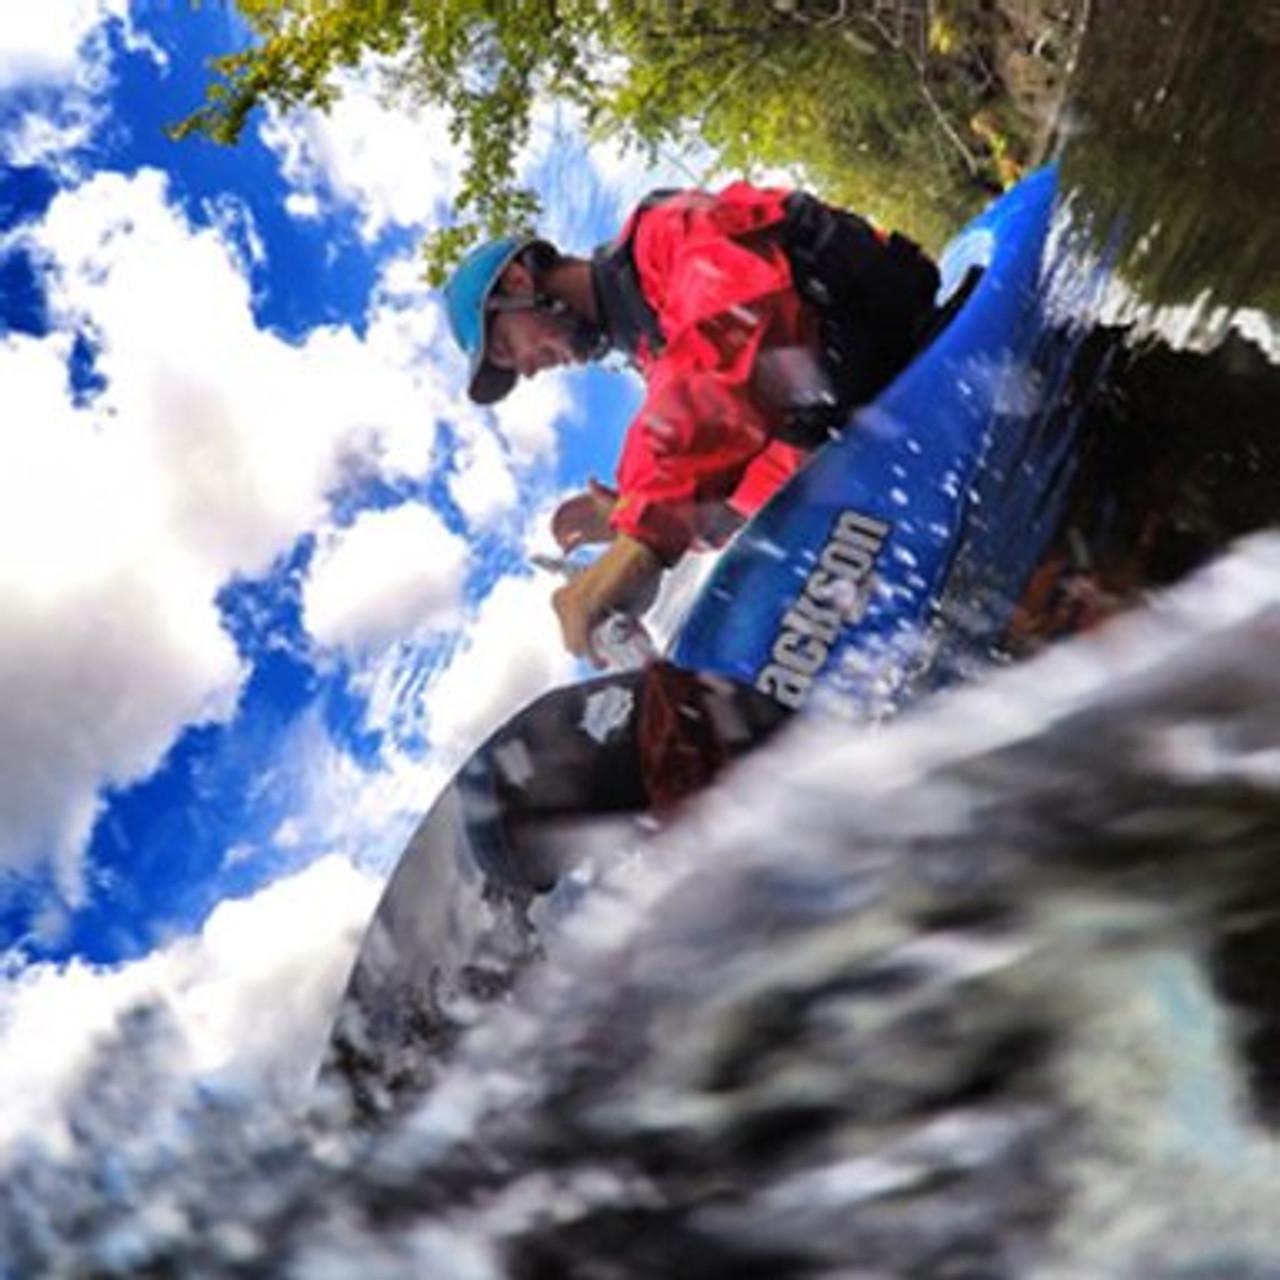 Yak whitewater kayaking jacket